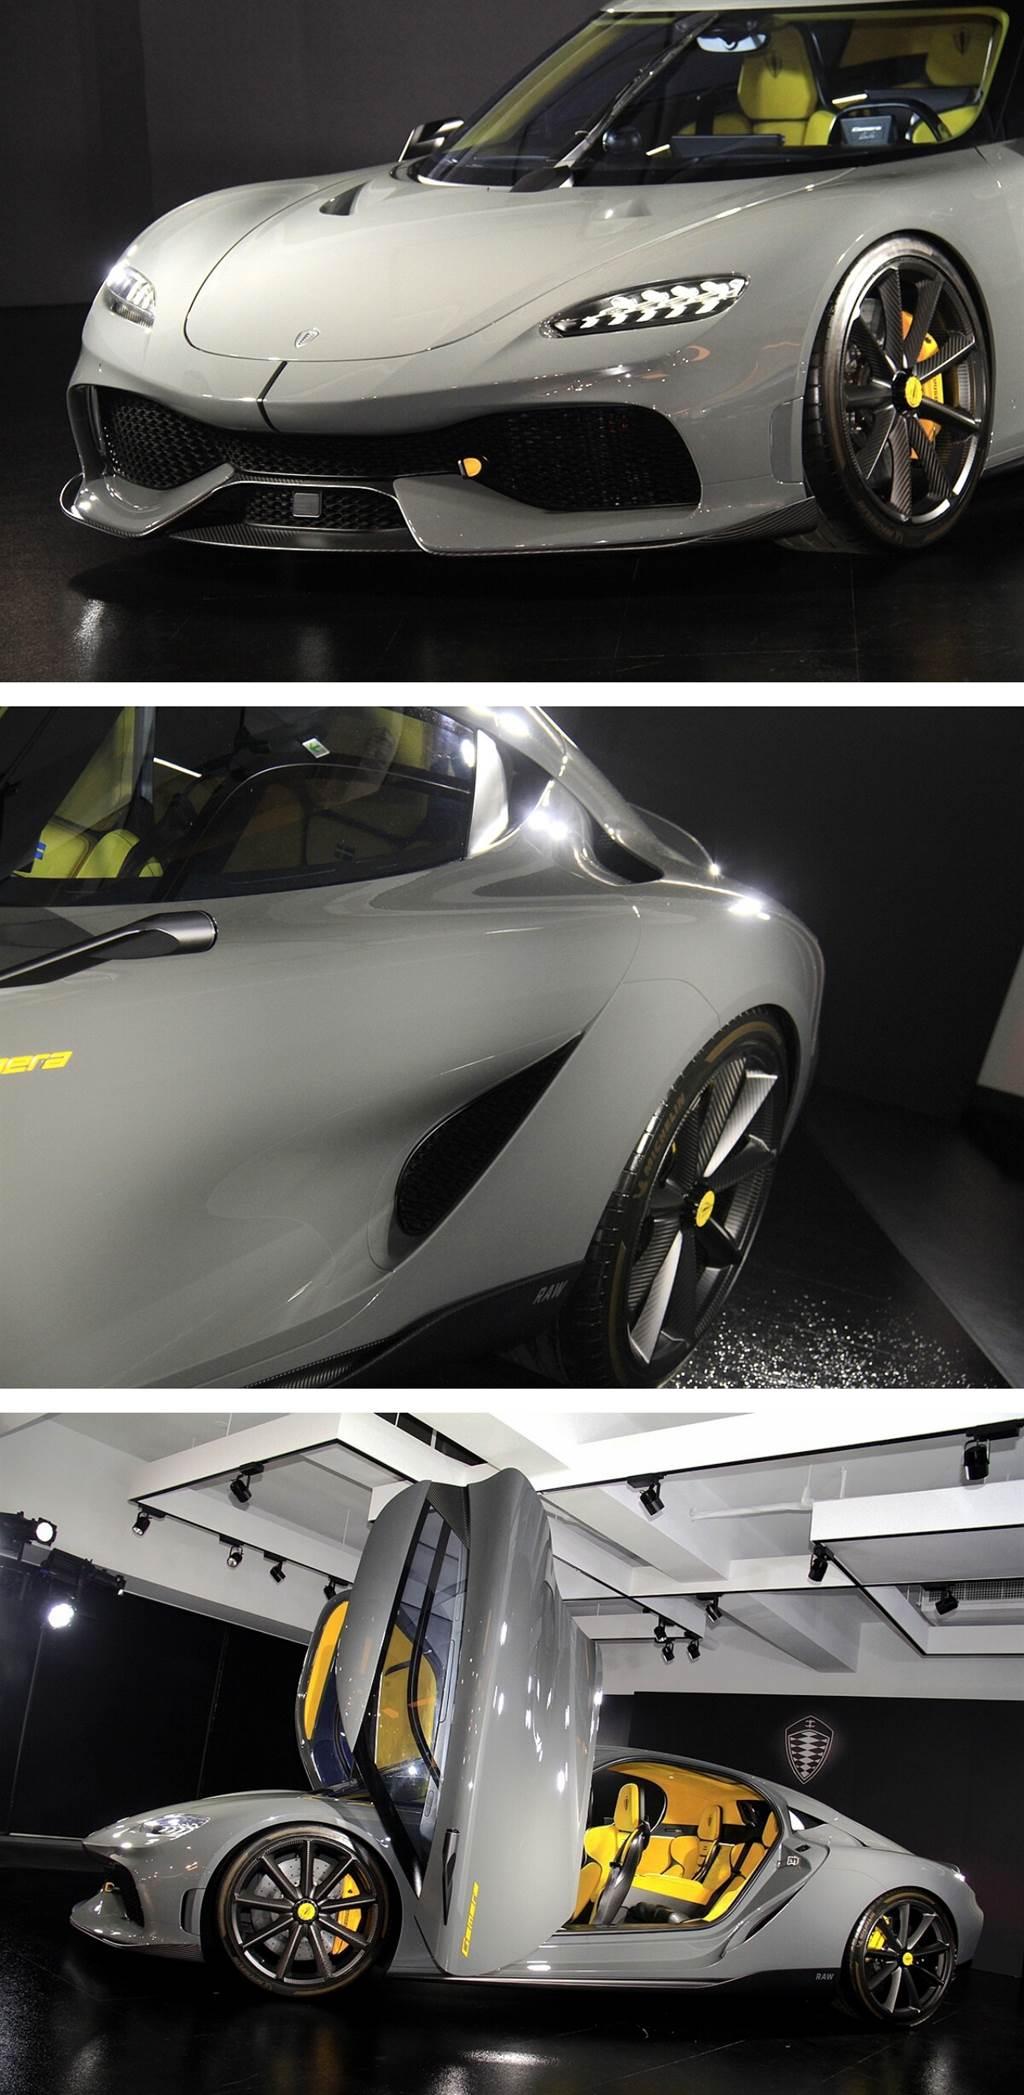 Gemera所搭載Koenigsegg指標性的獨創設計:KATSAD平移式旋轉門,此獨一無二的車門啟閉方式,將原為兩個方向的動作融合成順暢的單一操作概念,造就不容錯認的Koenigsegg標記。